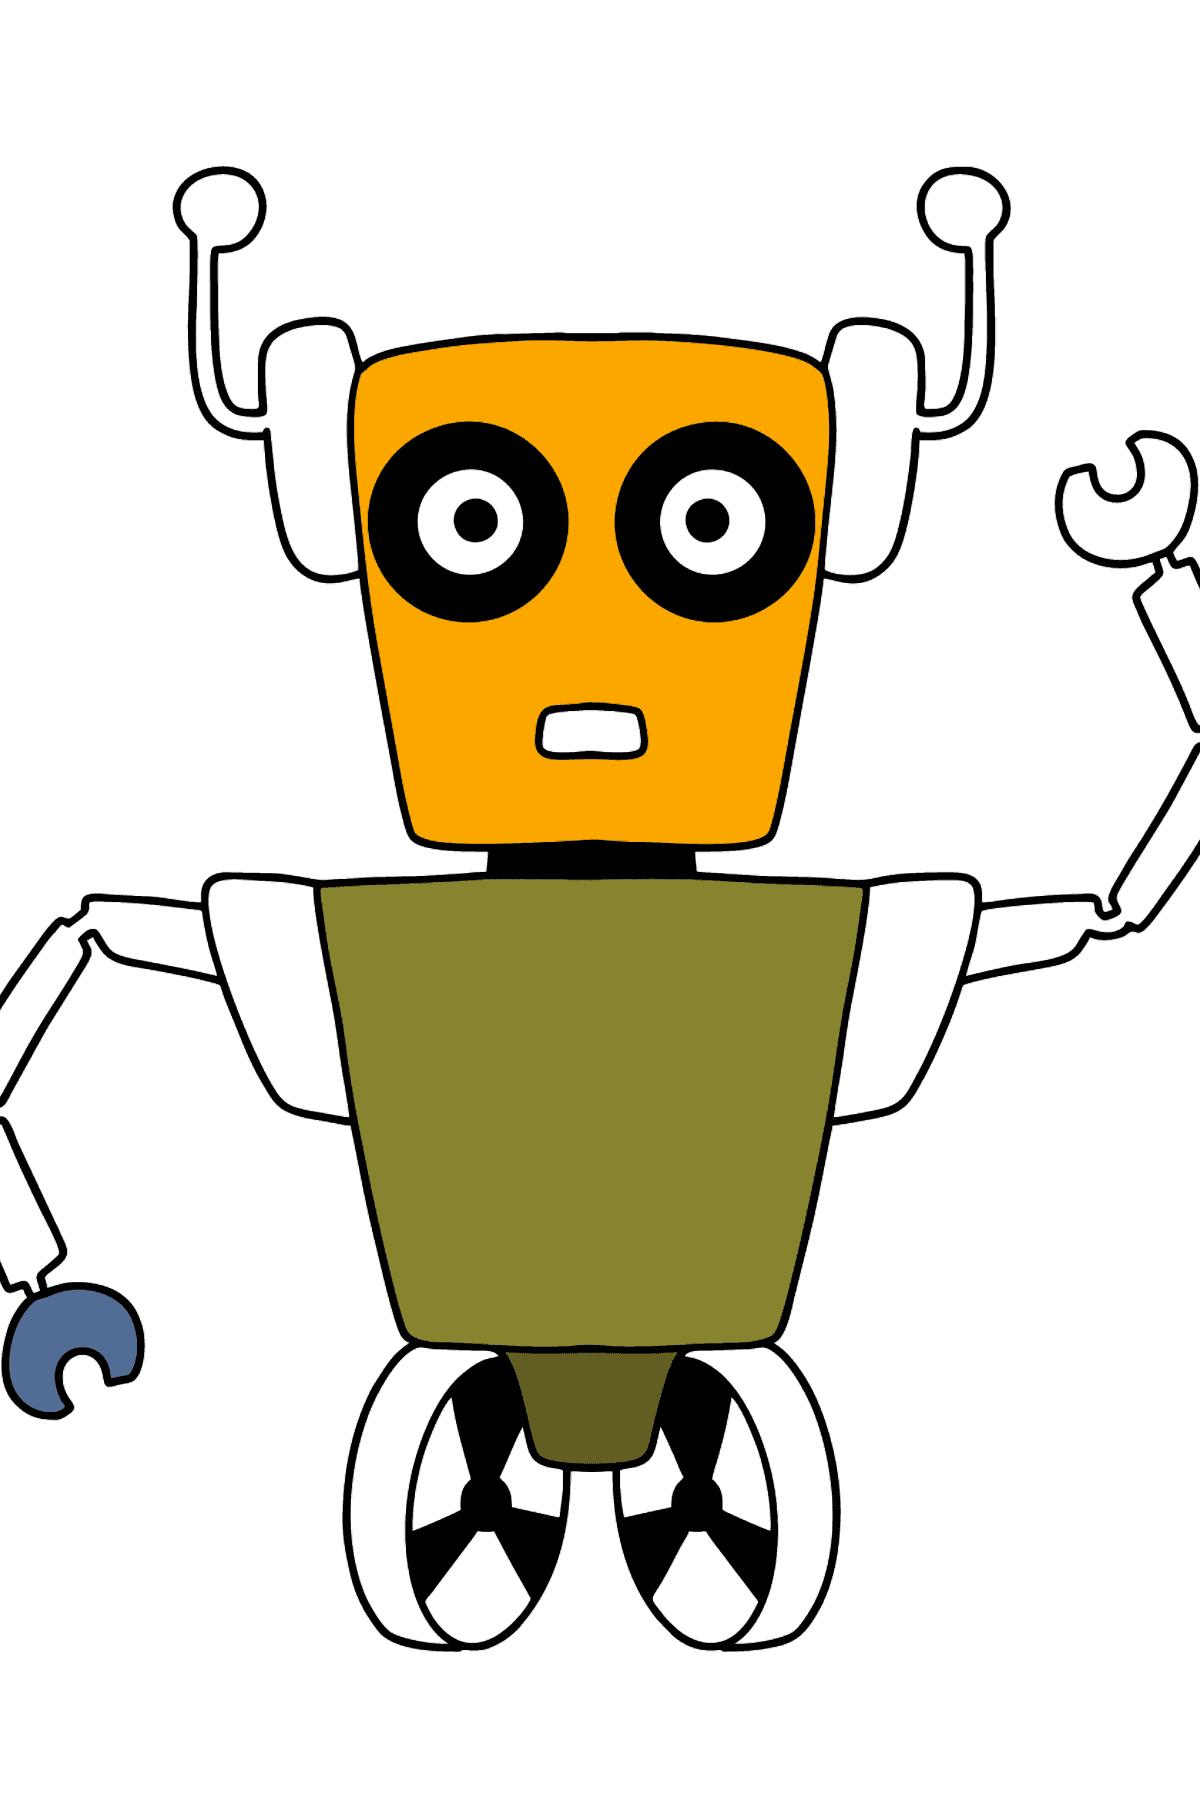 Раскраска робот на колёсиках - Раскраски для Детей